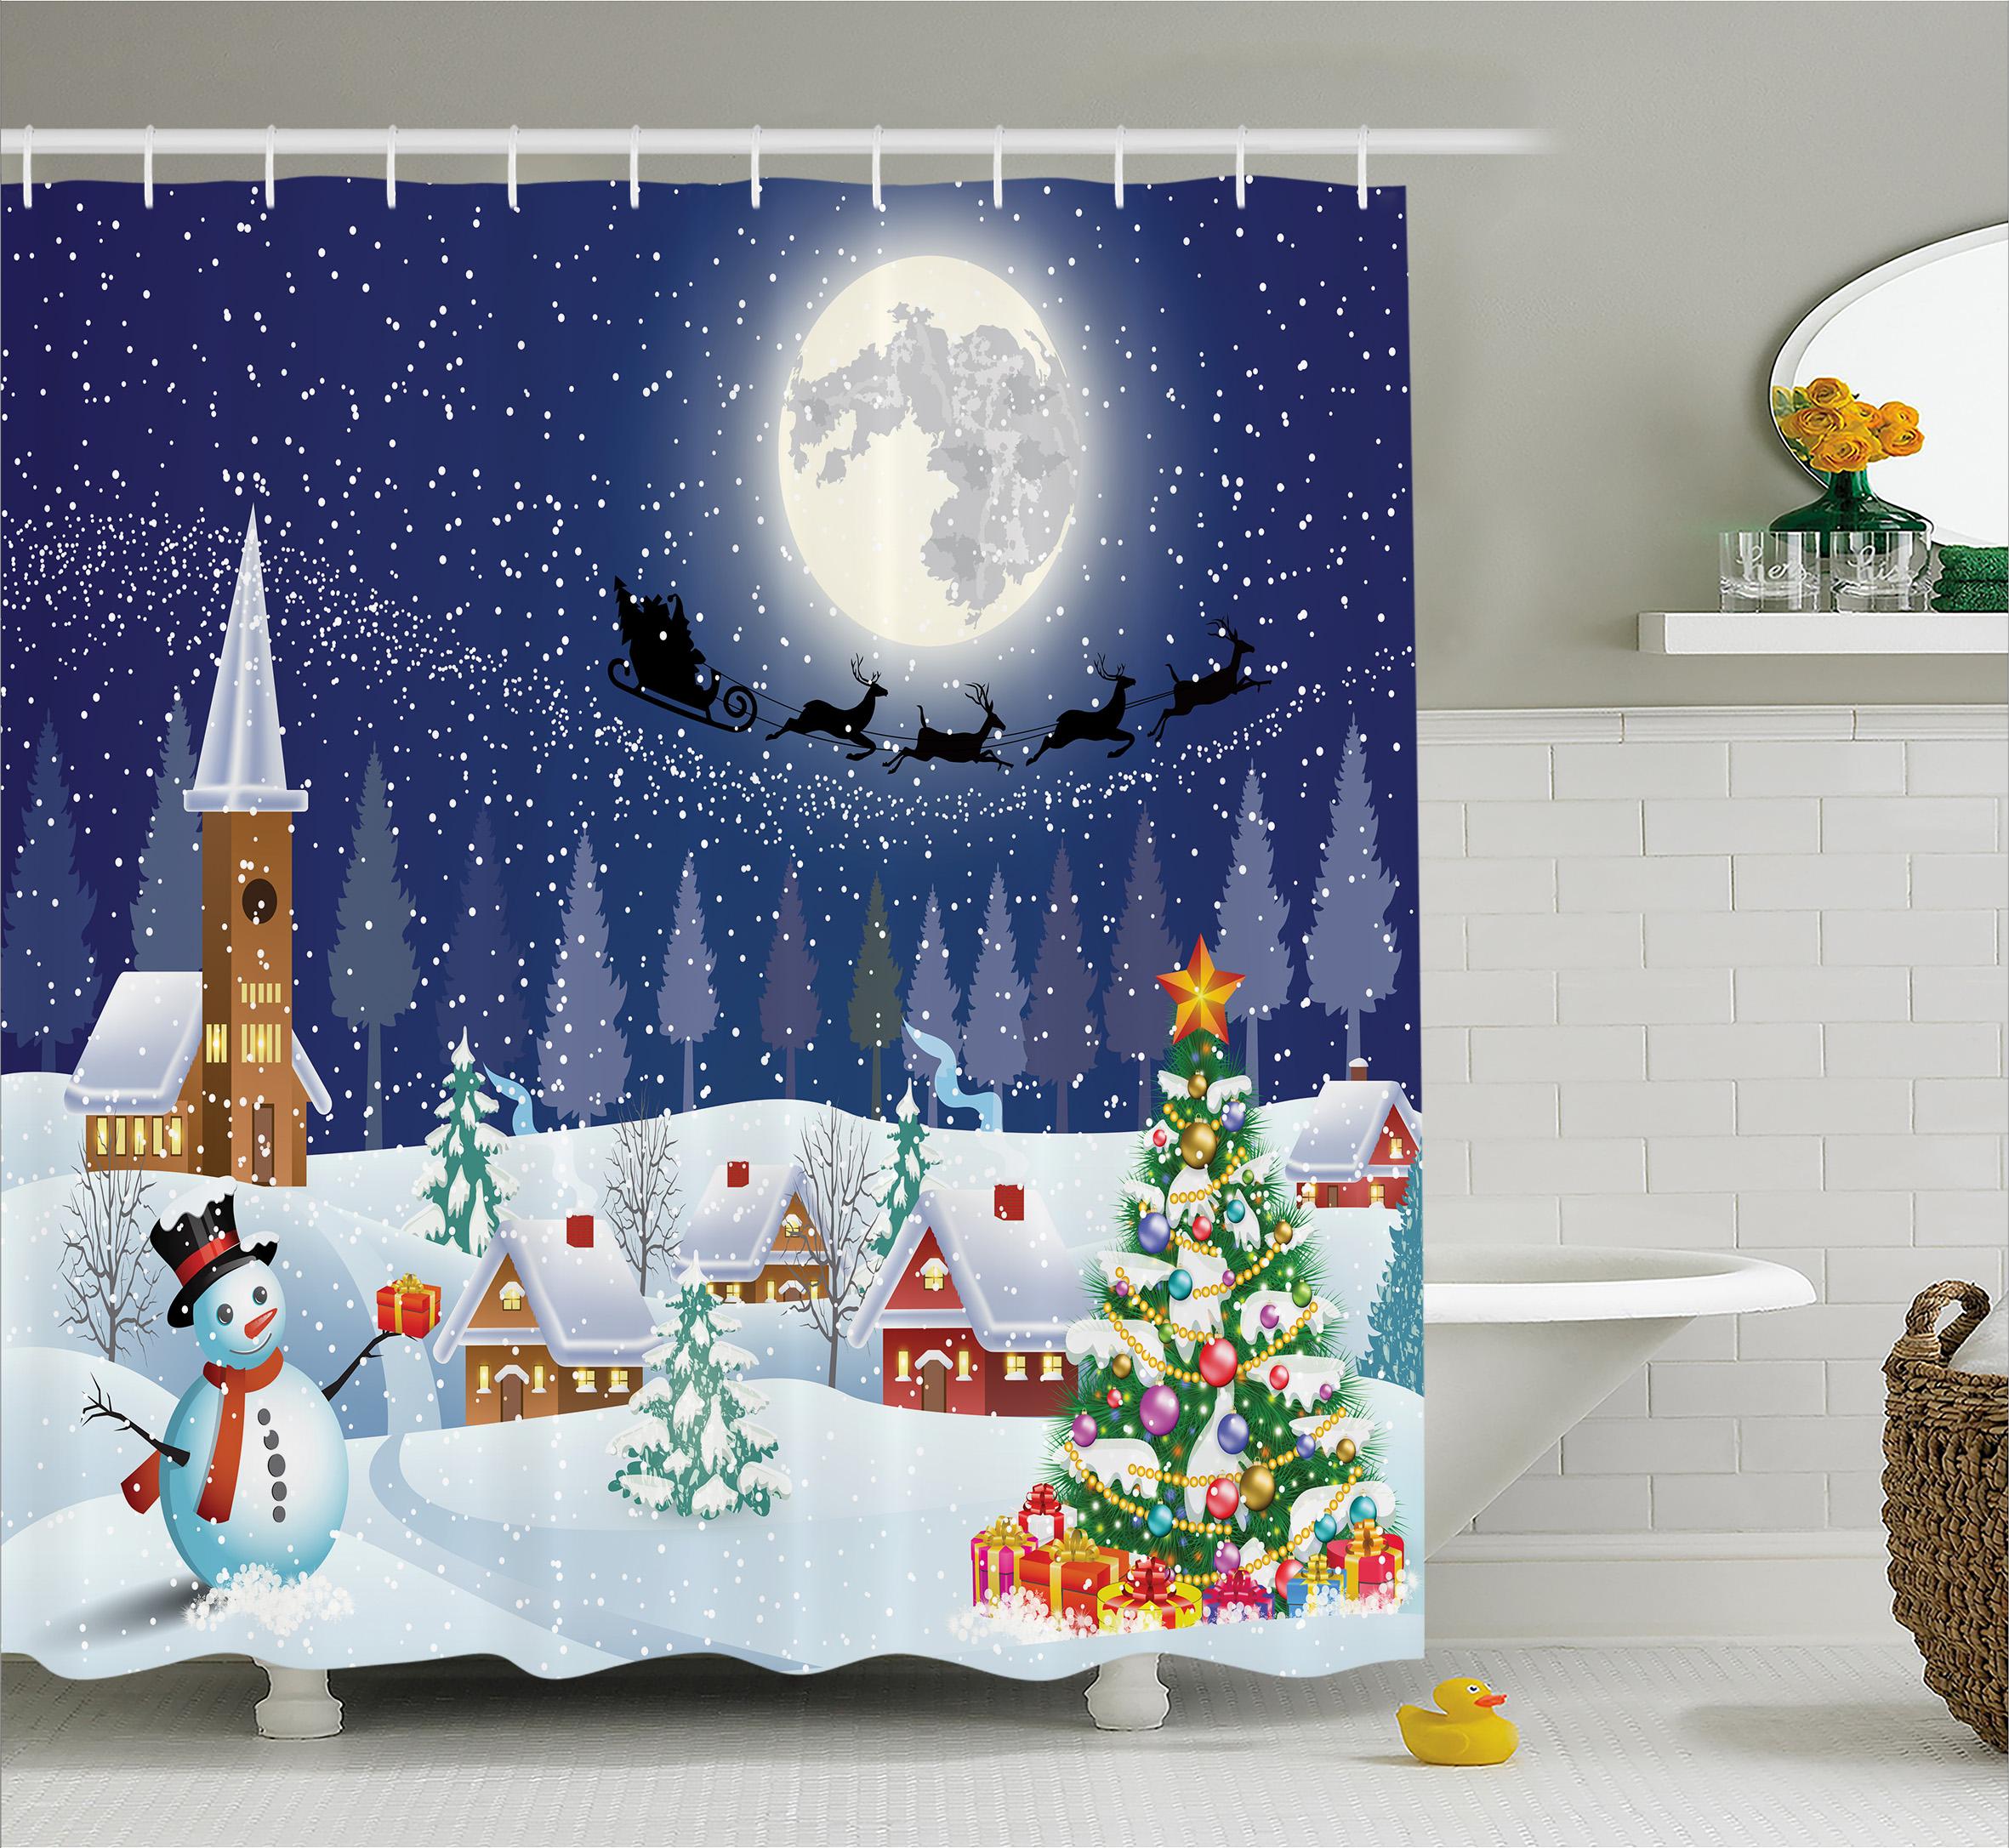 Christmas Shower Curtain Set Winter Landscape Snowman